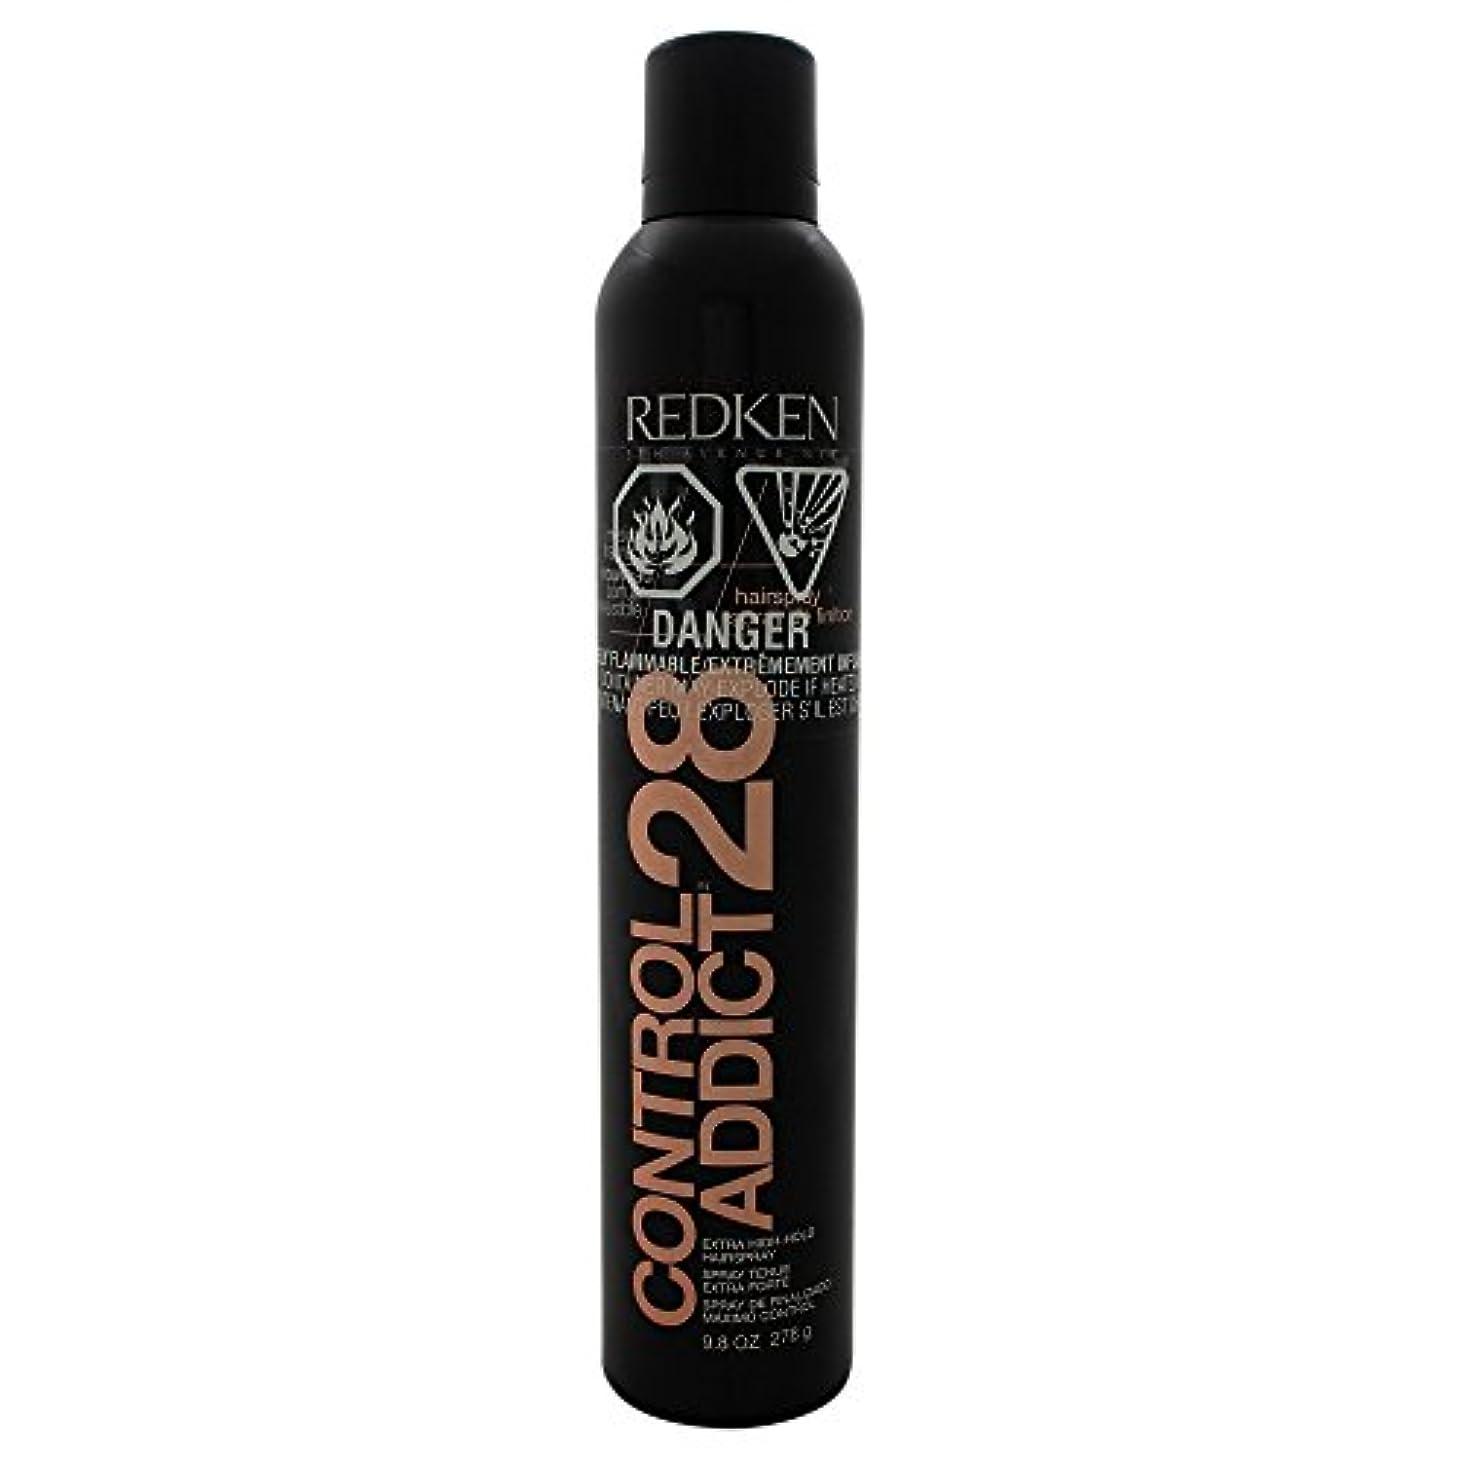 野な限りなく復活するby Redken CONTROL ADDICT 28 EXTRA-HIGH HOLD HAIR SPRAY 9.8 OZ(BLACK PACKAGING) by REDKEN